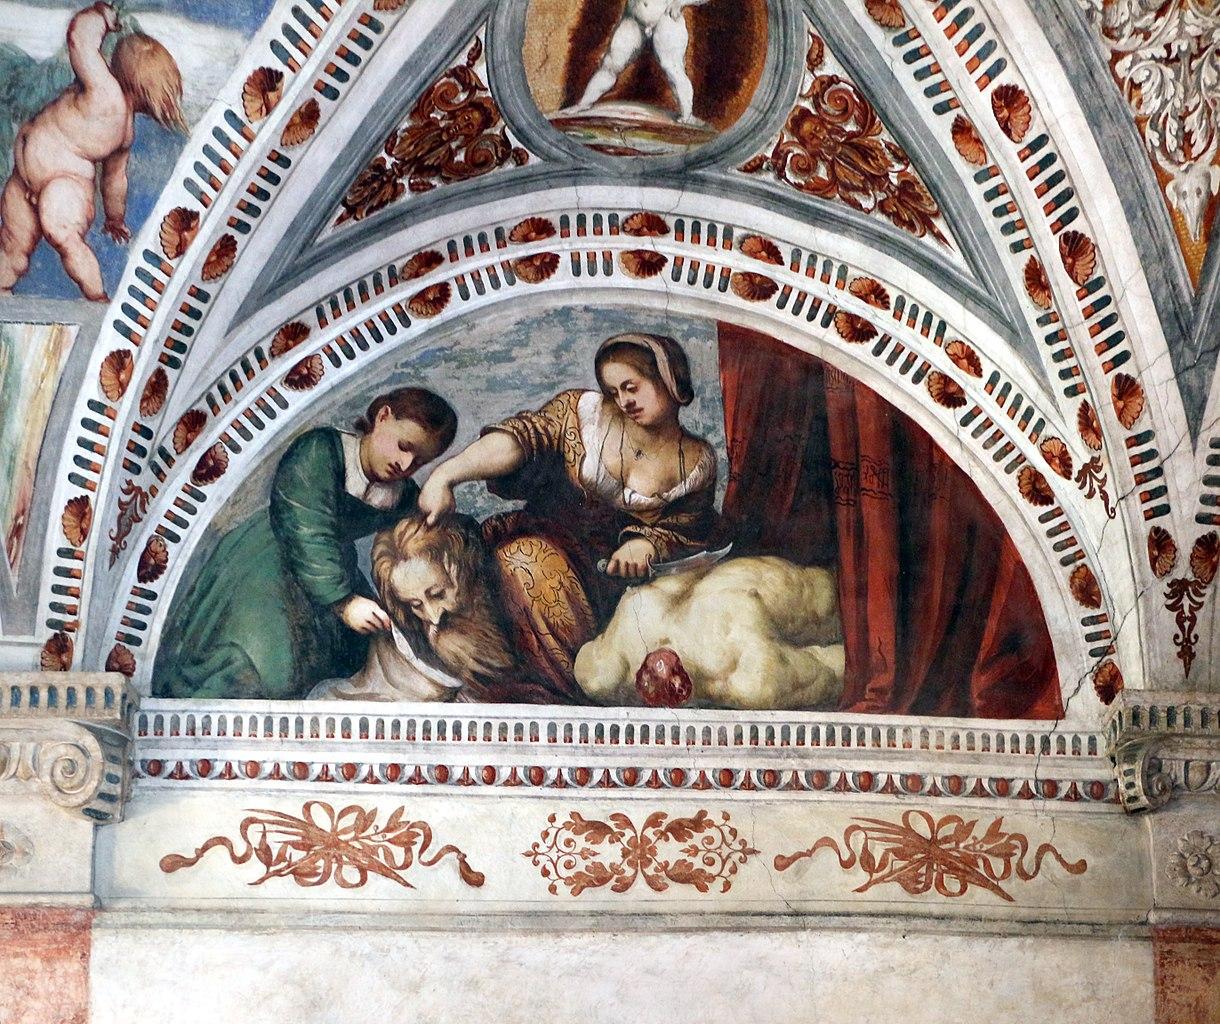 Loggia del Romanino, dettaglio: Giuditta e Oloferne. Ph. Credit Francesco Bini